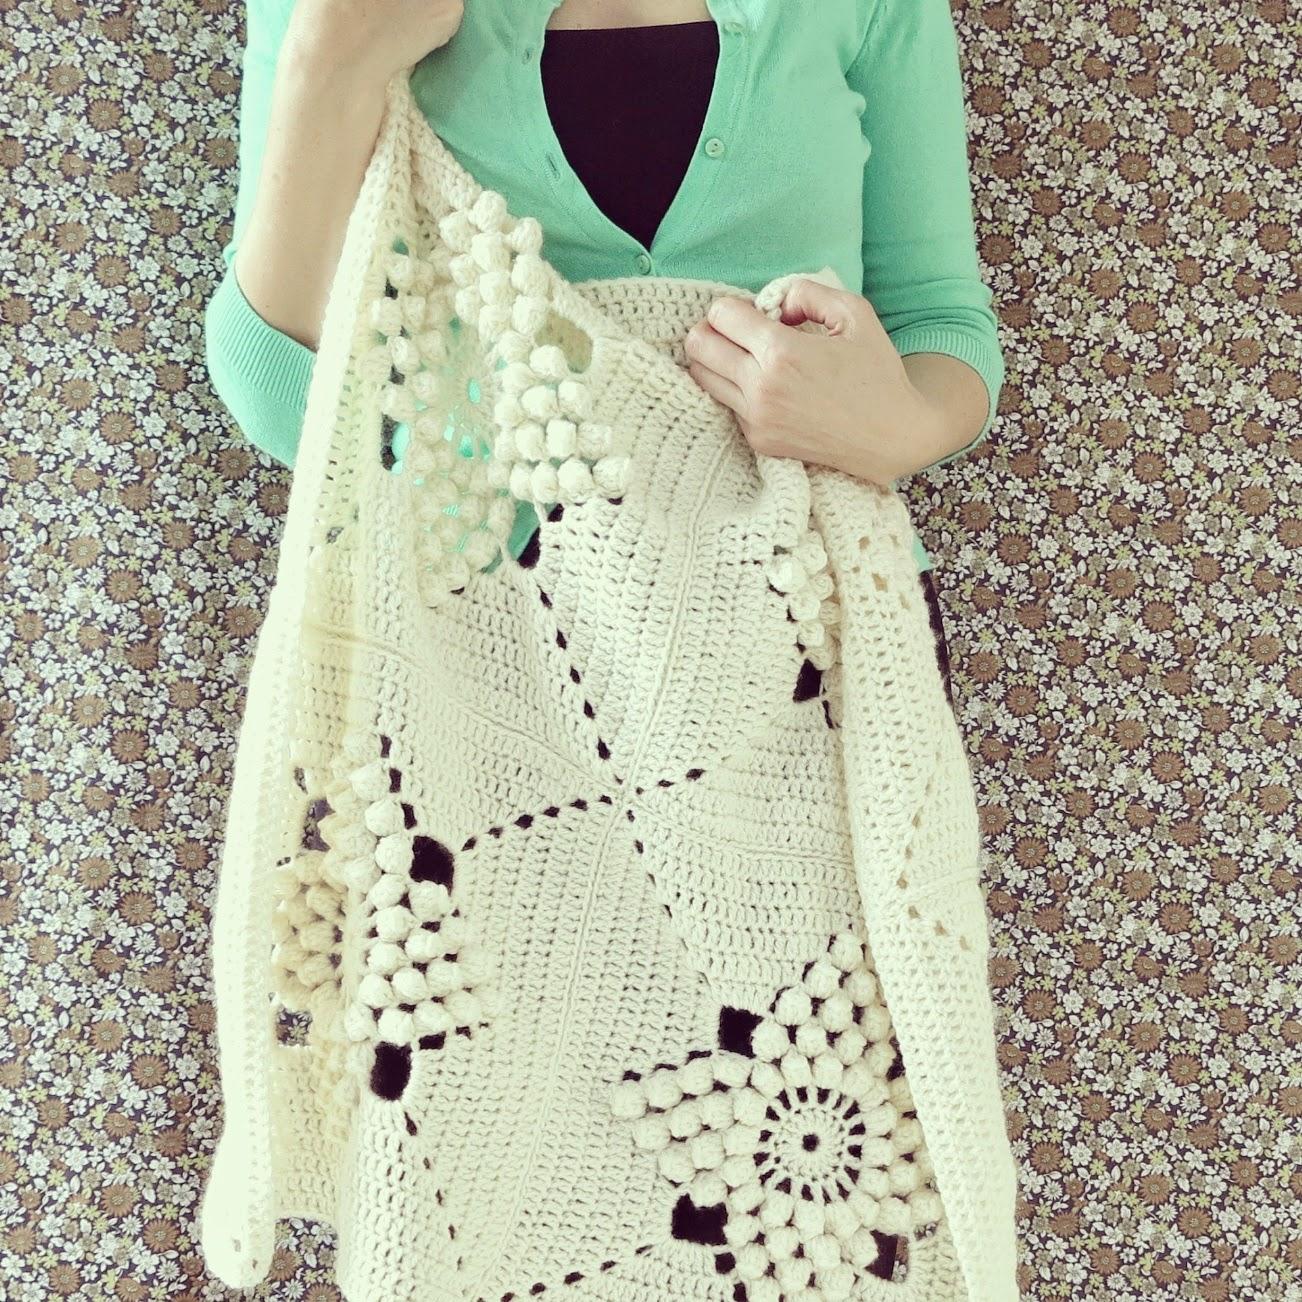 ByHaafner * crochet : Smitten. The pattern.